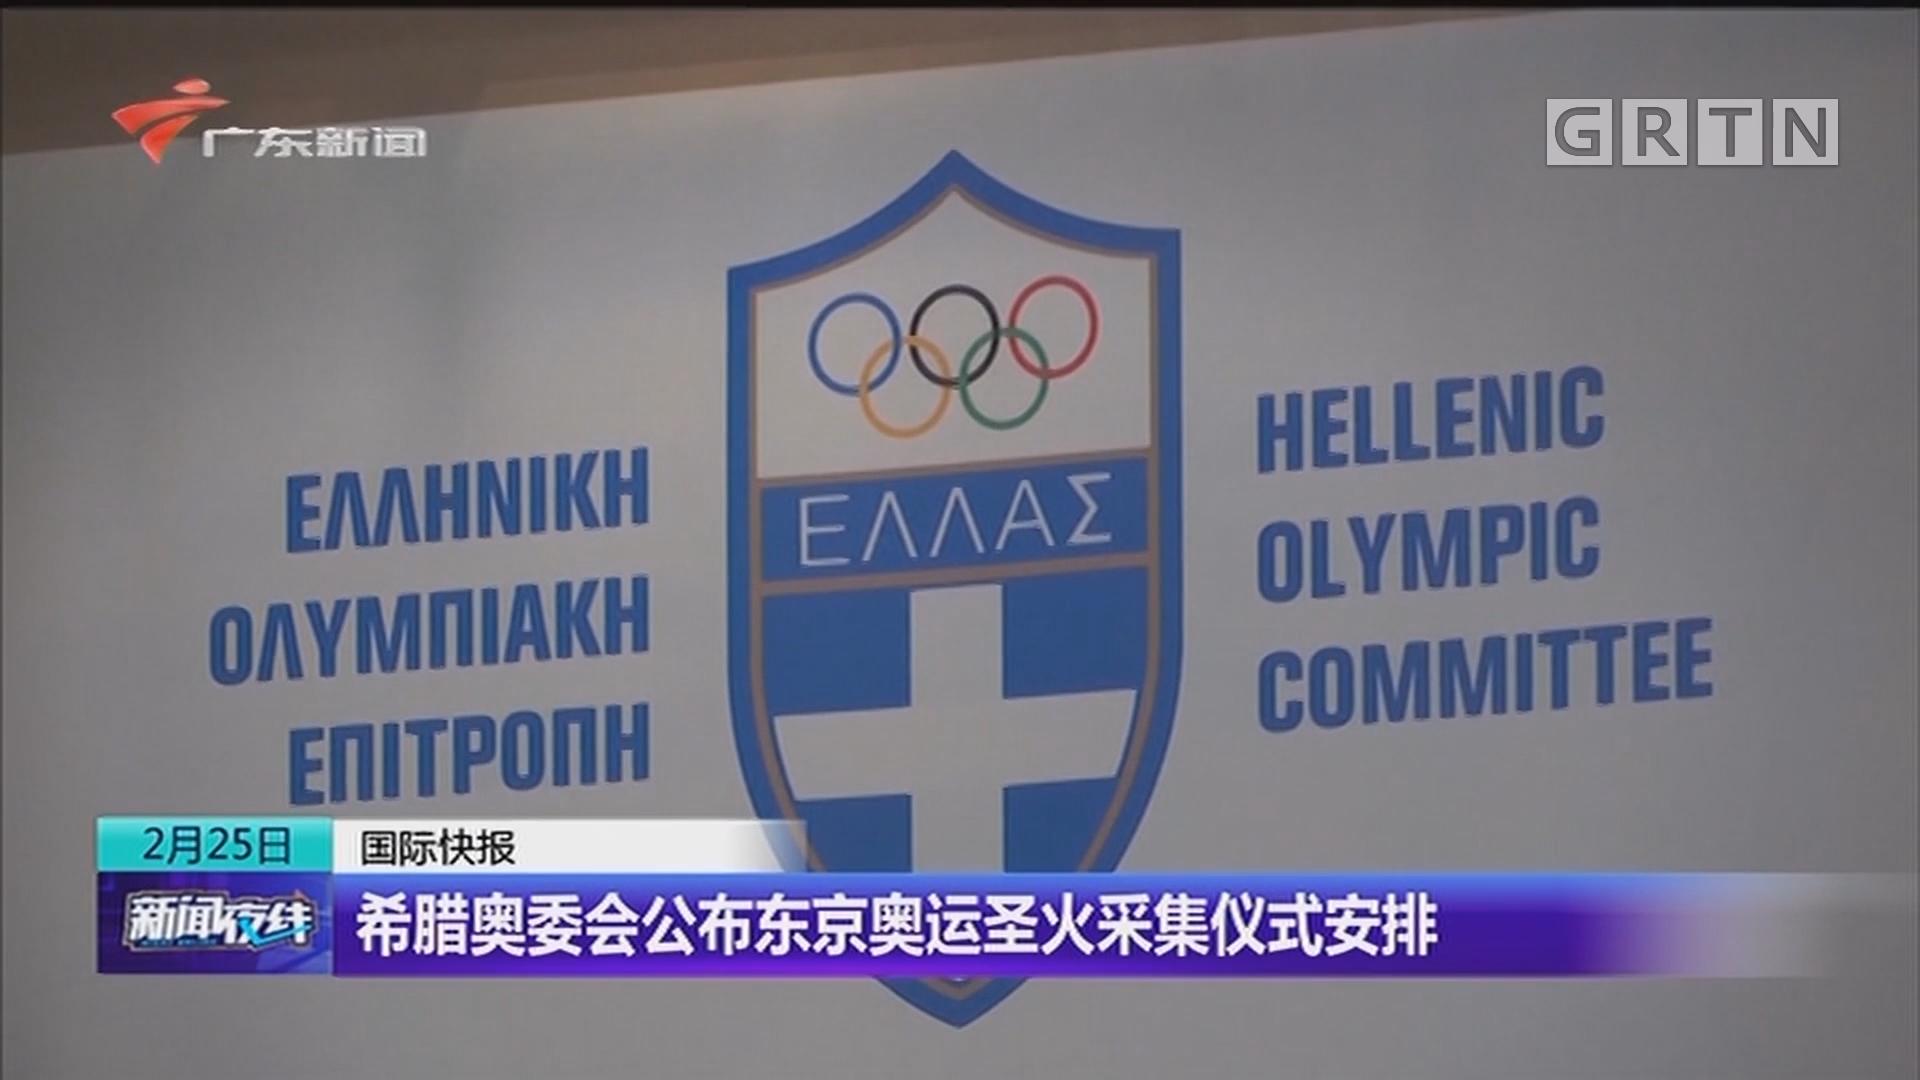 希腊奥委会公布东京奥运圣火采集仪式安排